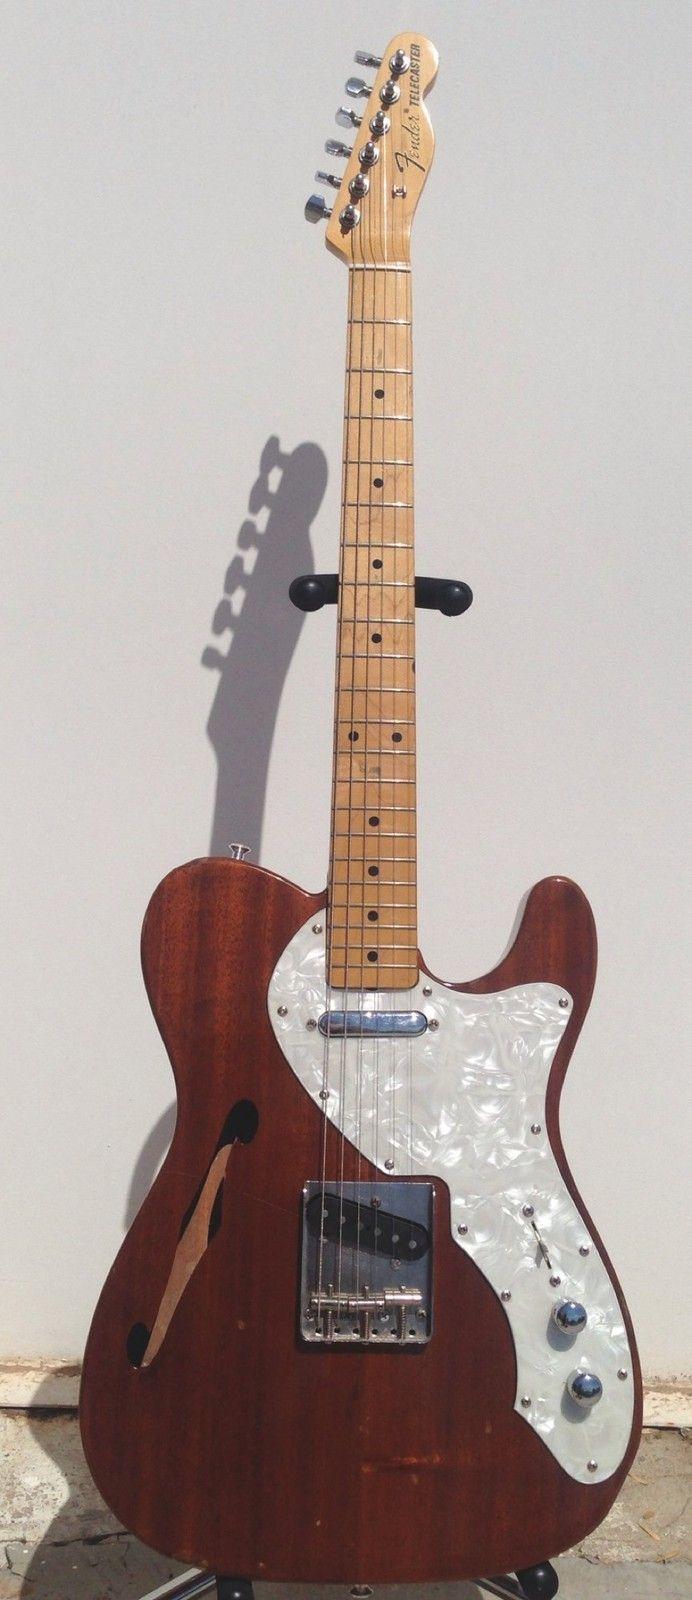 80s Fender 69 JAPAN Telecaster Thinline MIJ TELE C@@L Cowboy PLAYERS BAR GUITAR